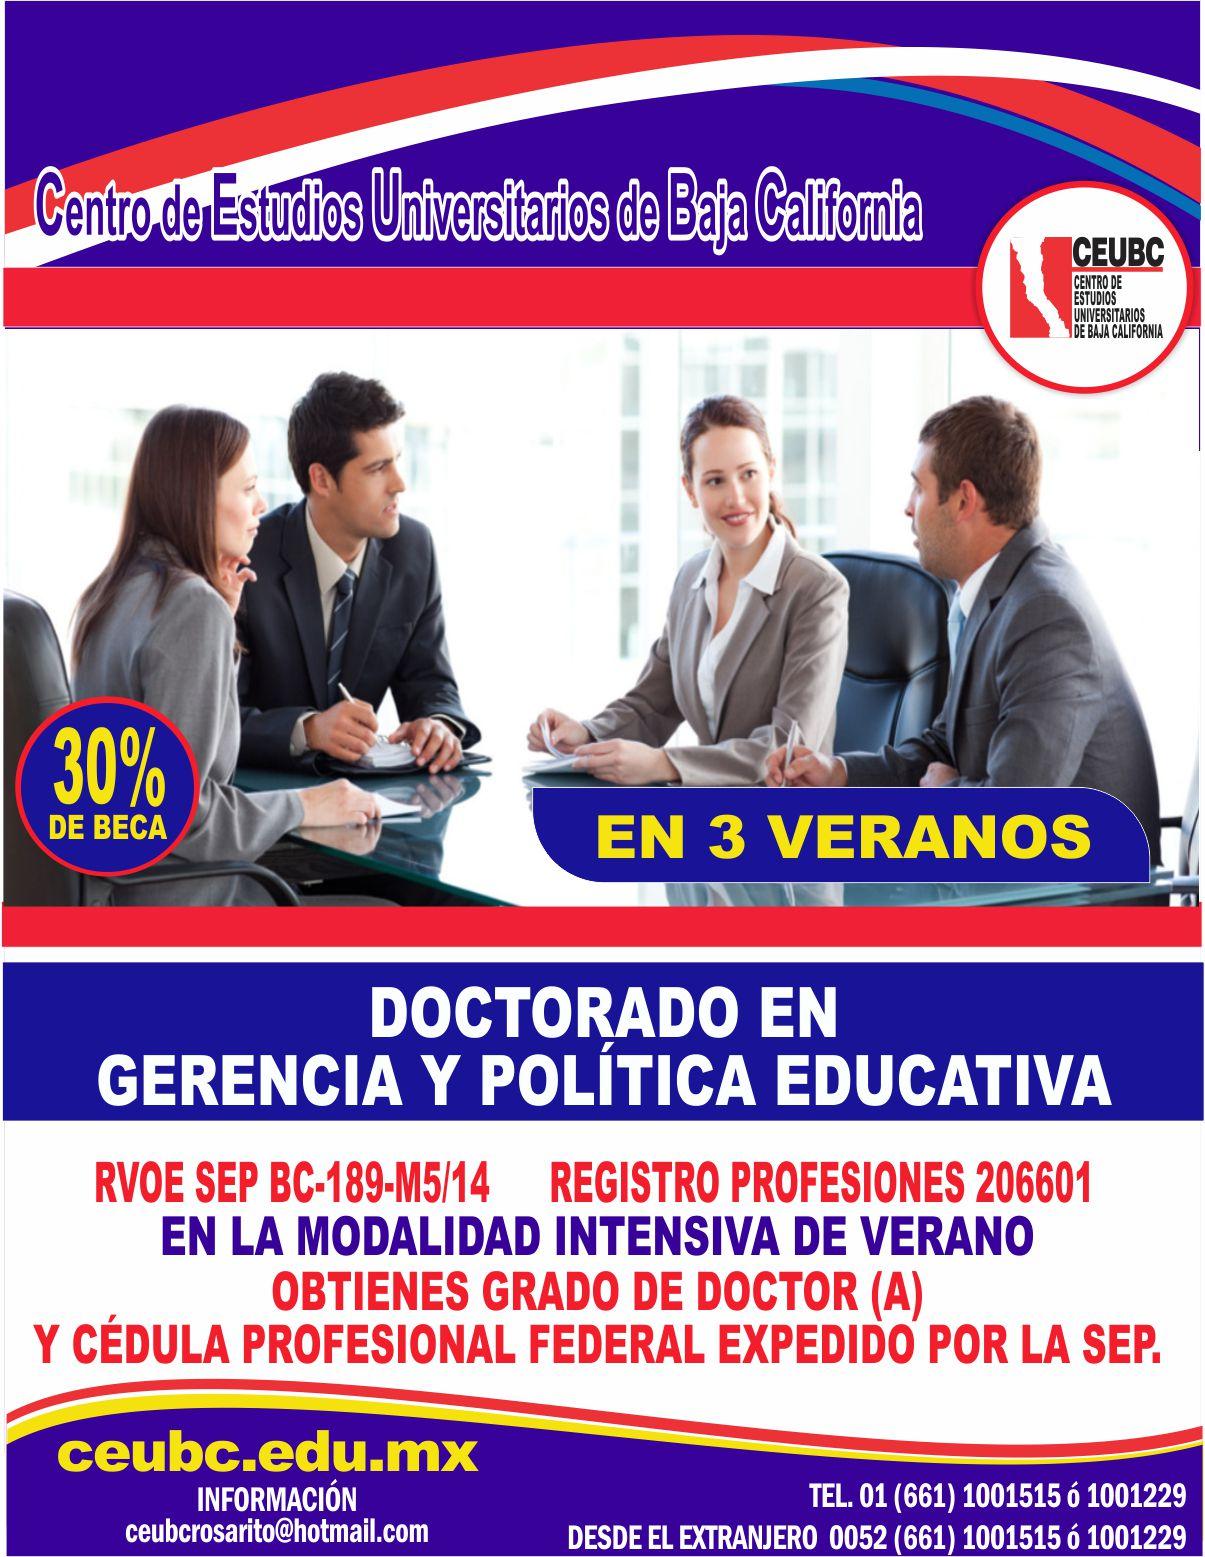 RVOE oficial: Doctorado en Gerencia y Política Educativa